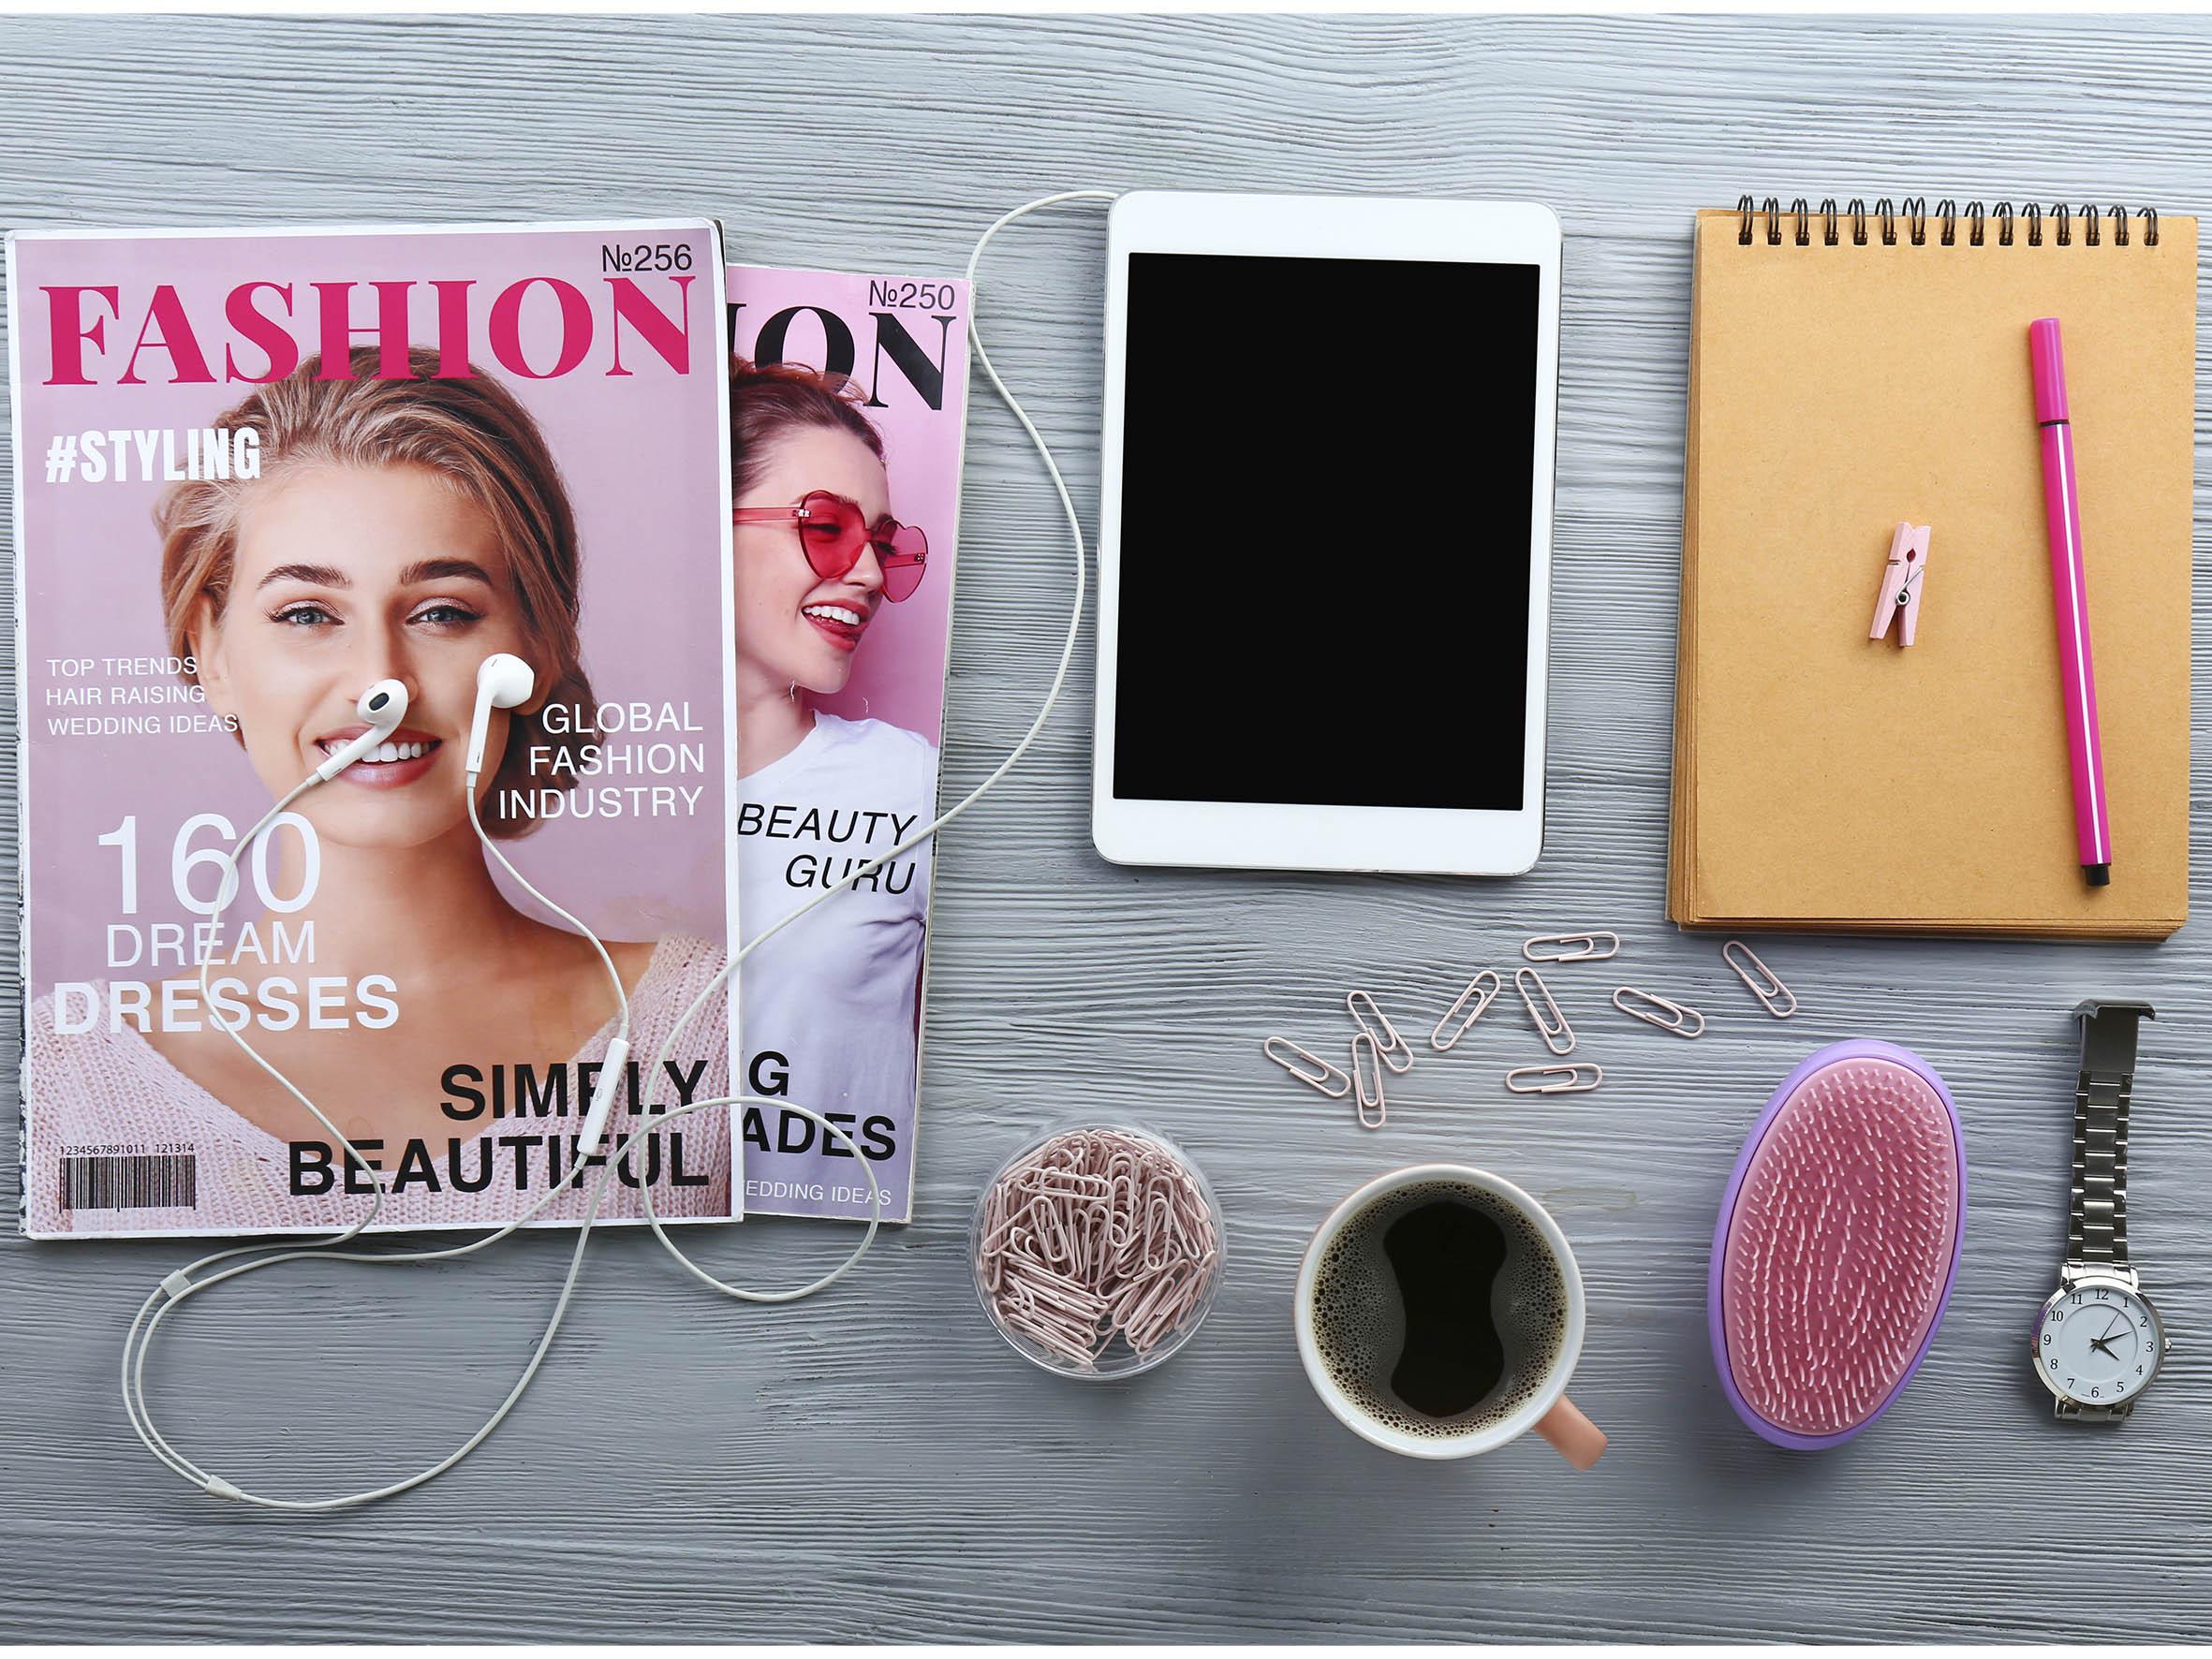 ファッション誌とネットの連携